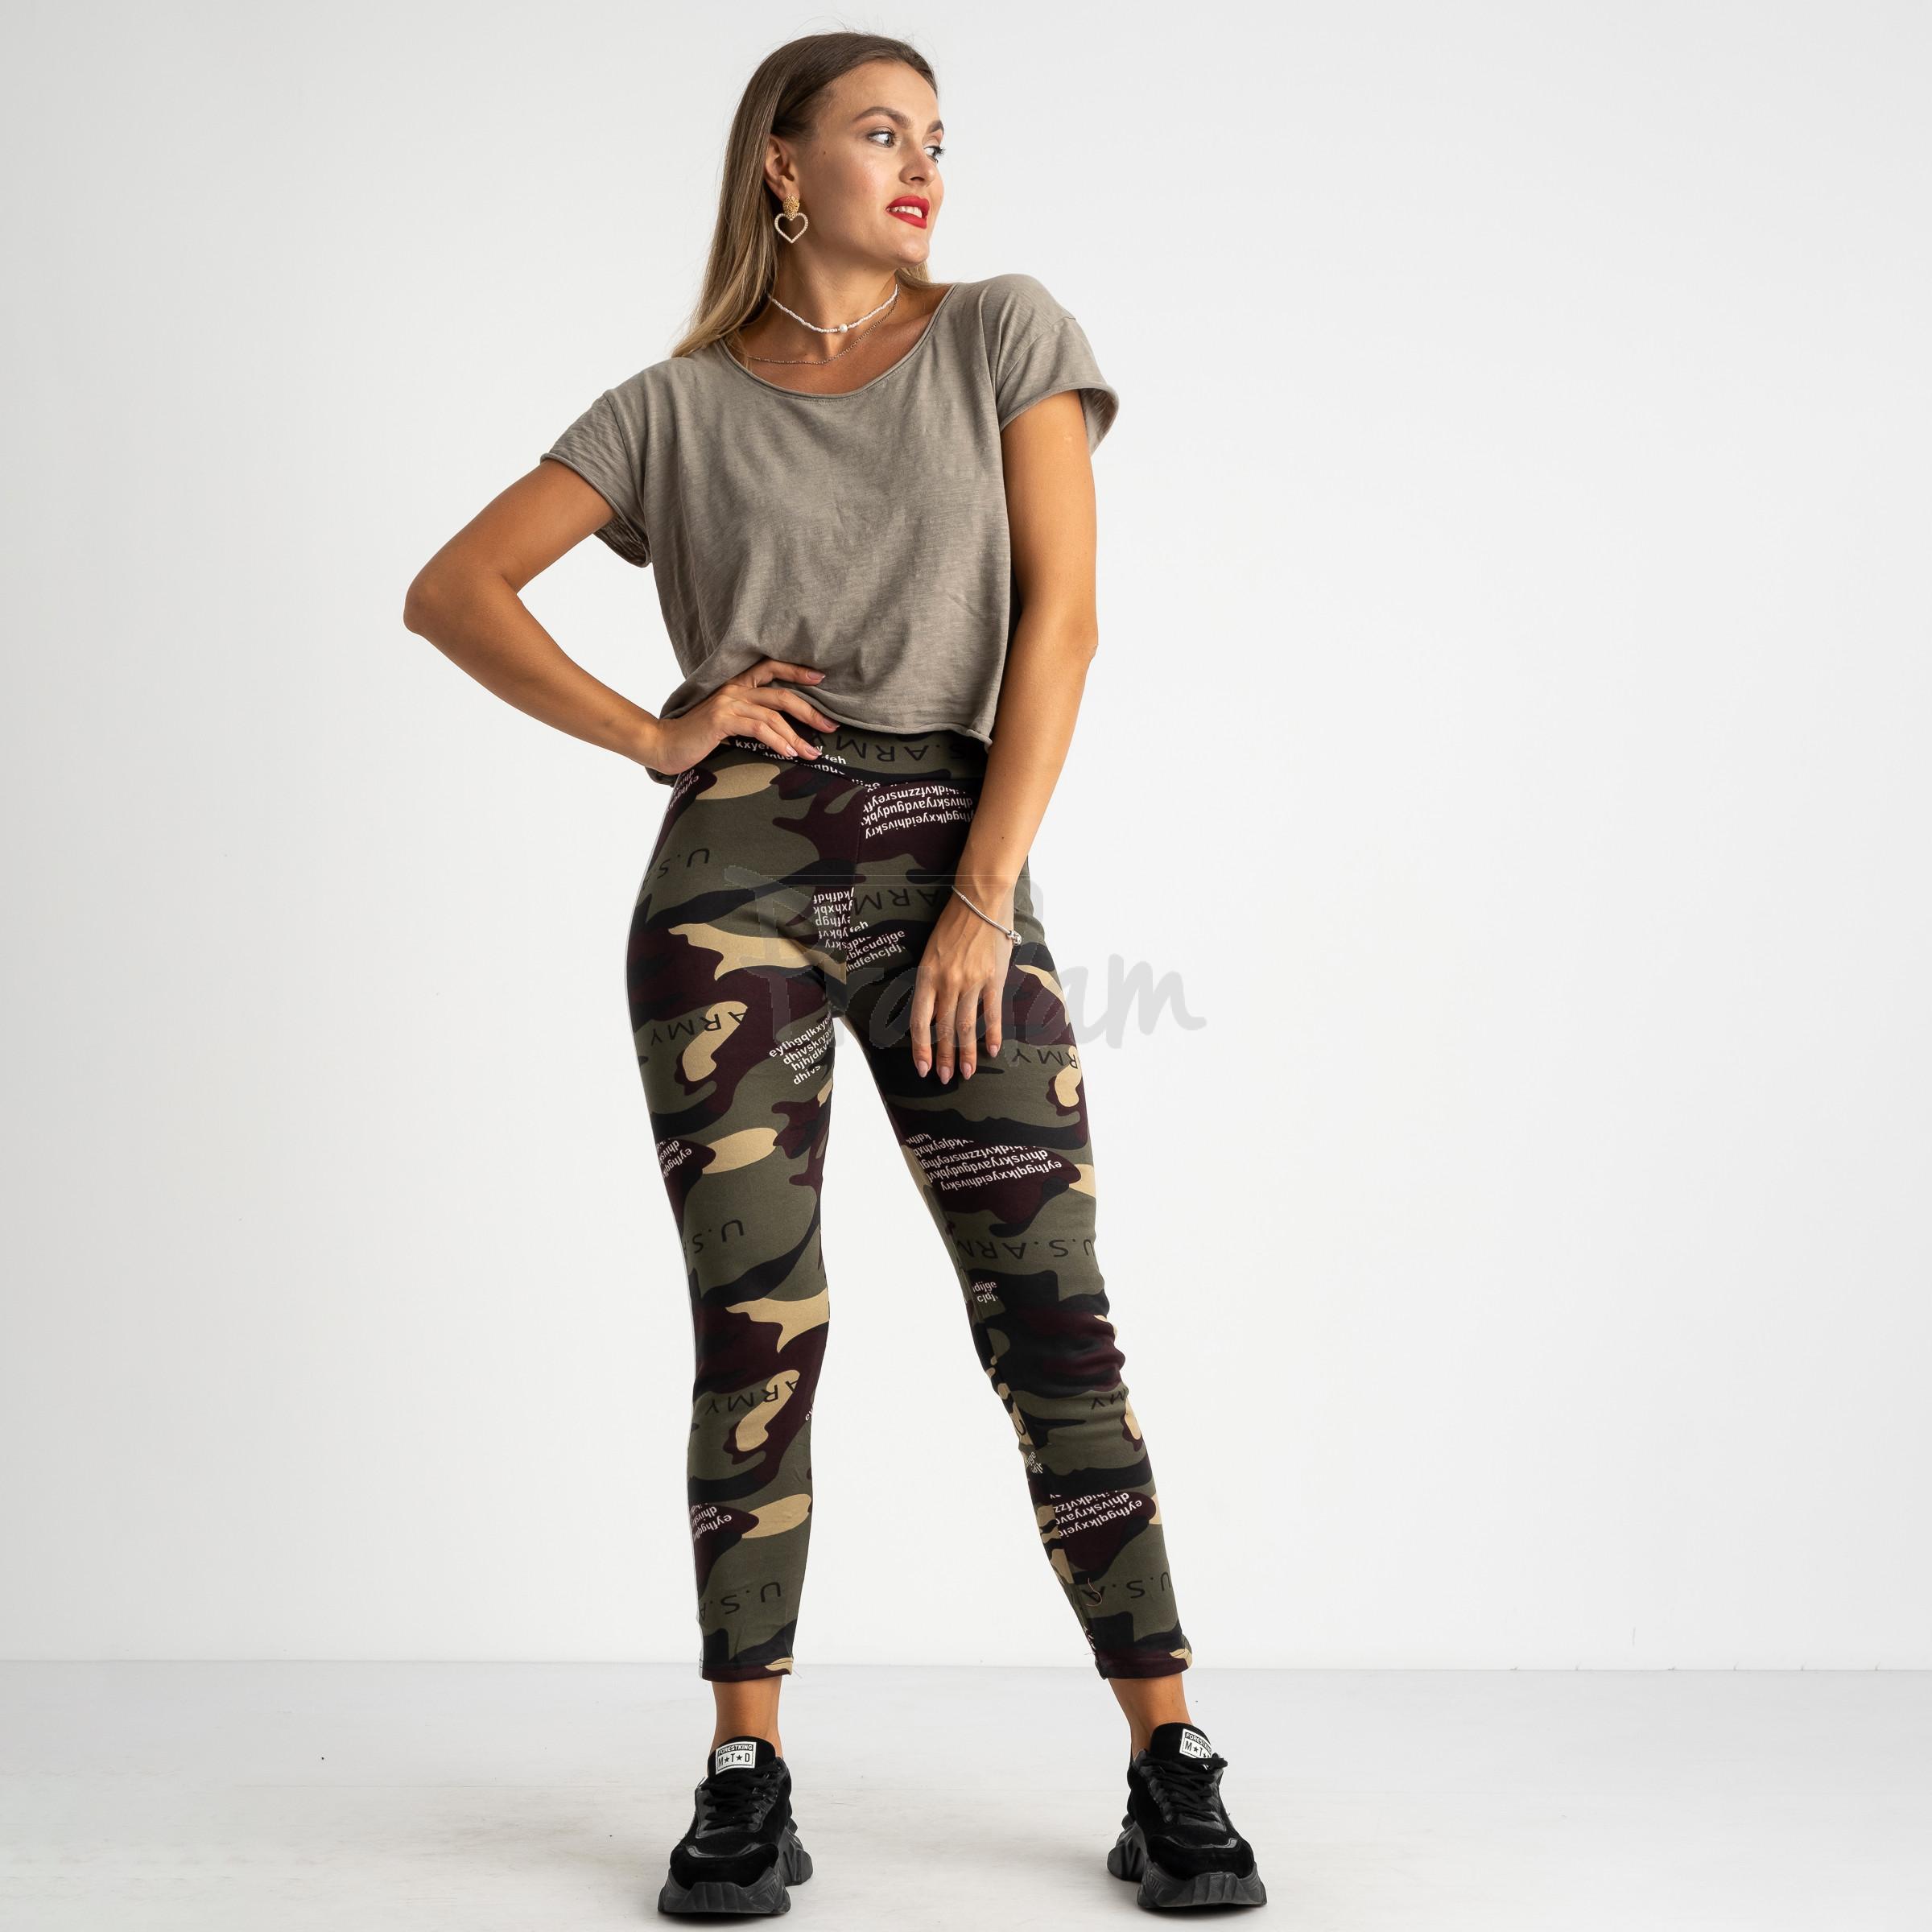 0903 Li Ruo Ya спортивные брюки женские камуфляжные на флисе (5 ед. размер: универсал 44-48)